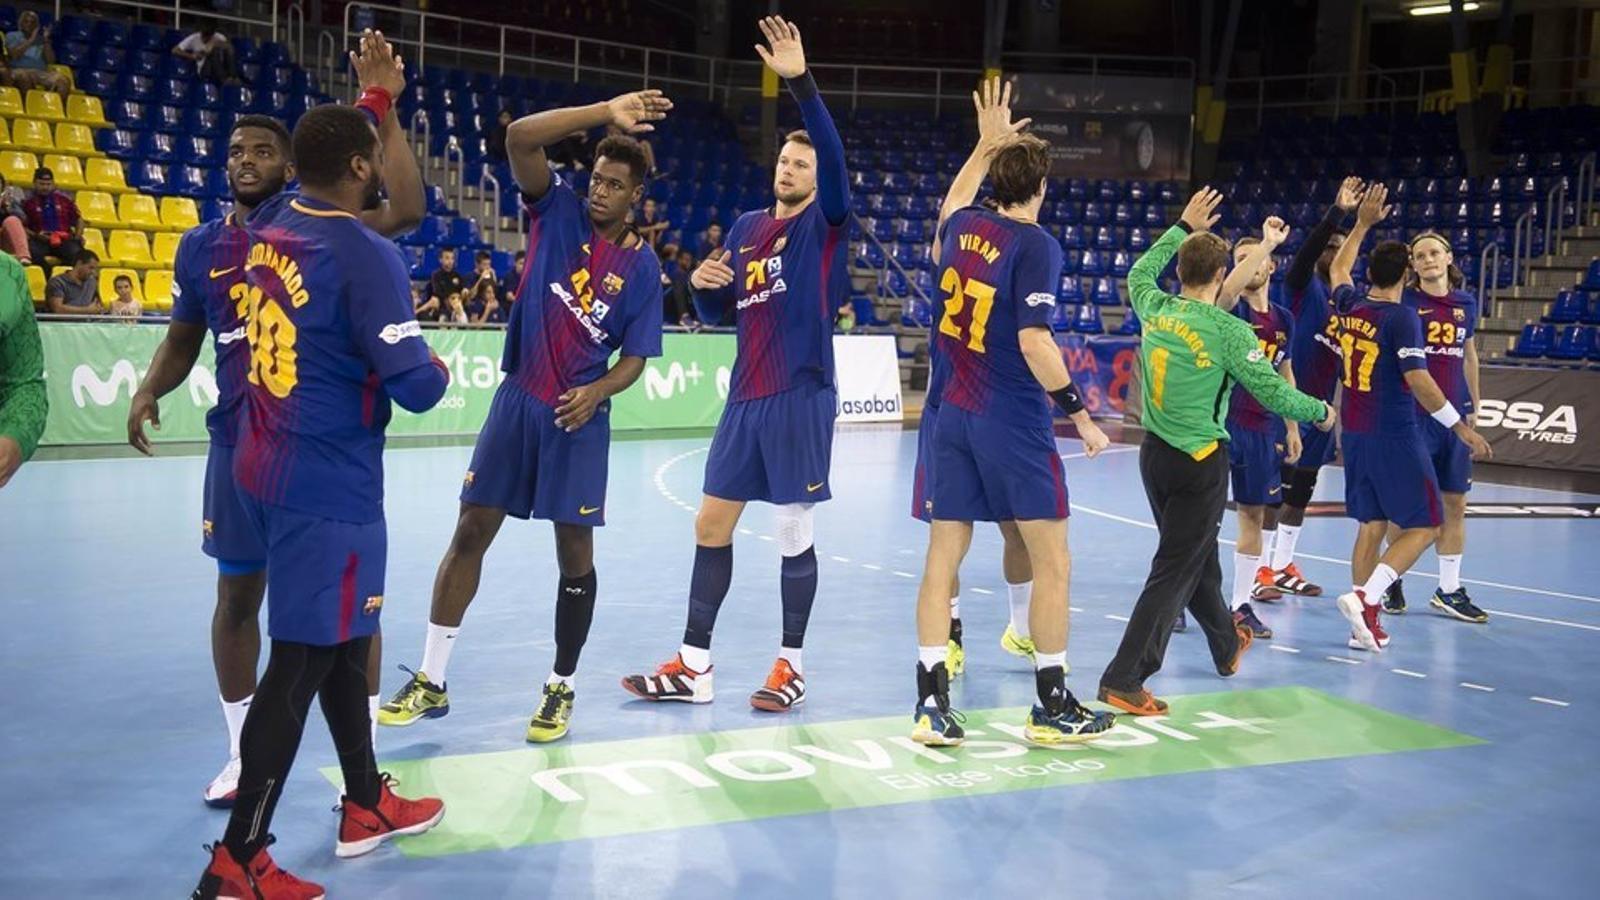 Els jugadors del Barça es saluden abans de començar el partit